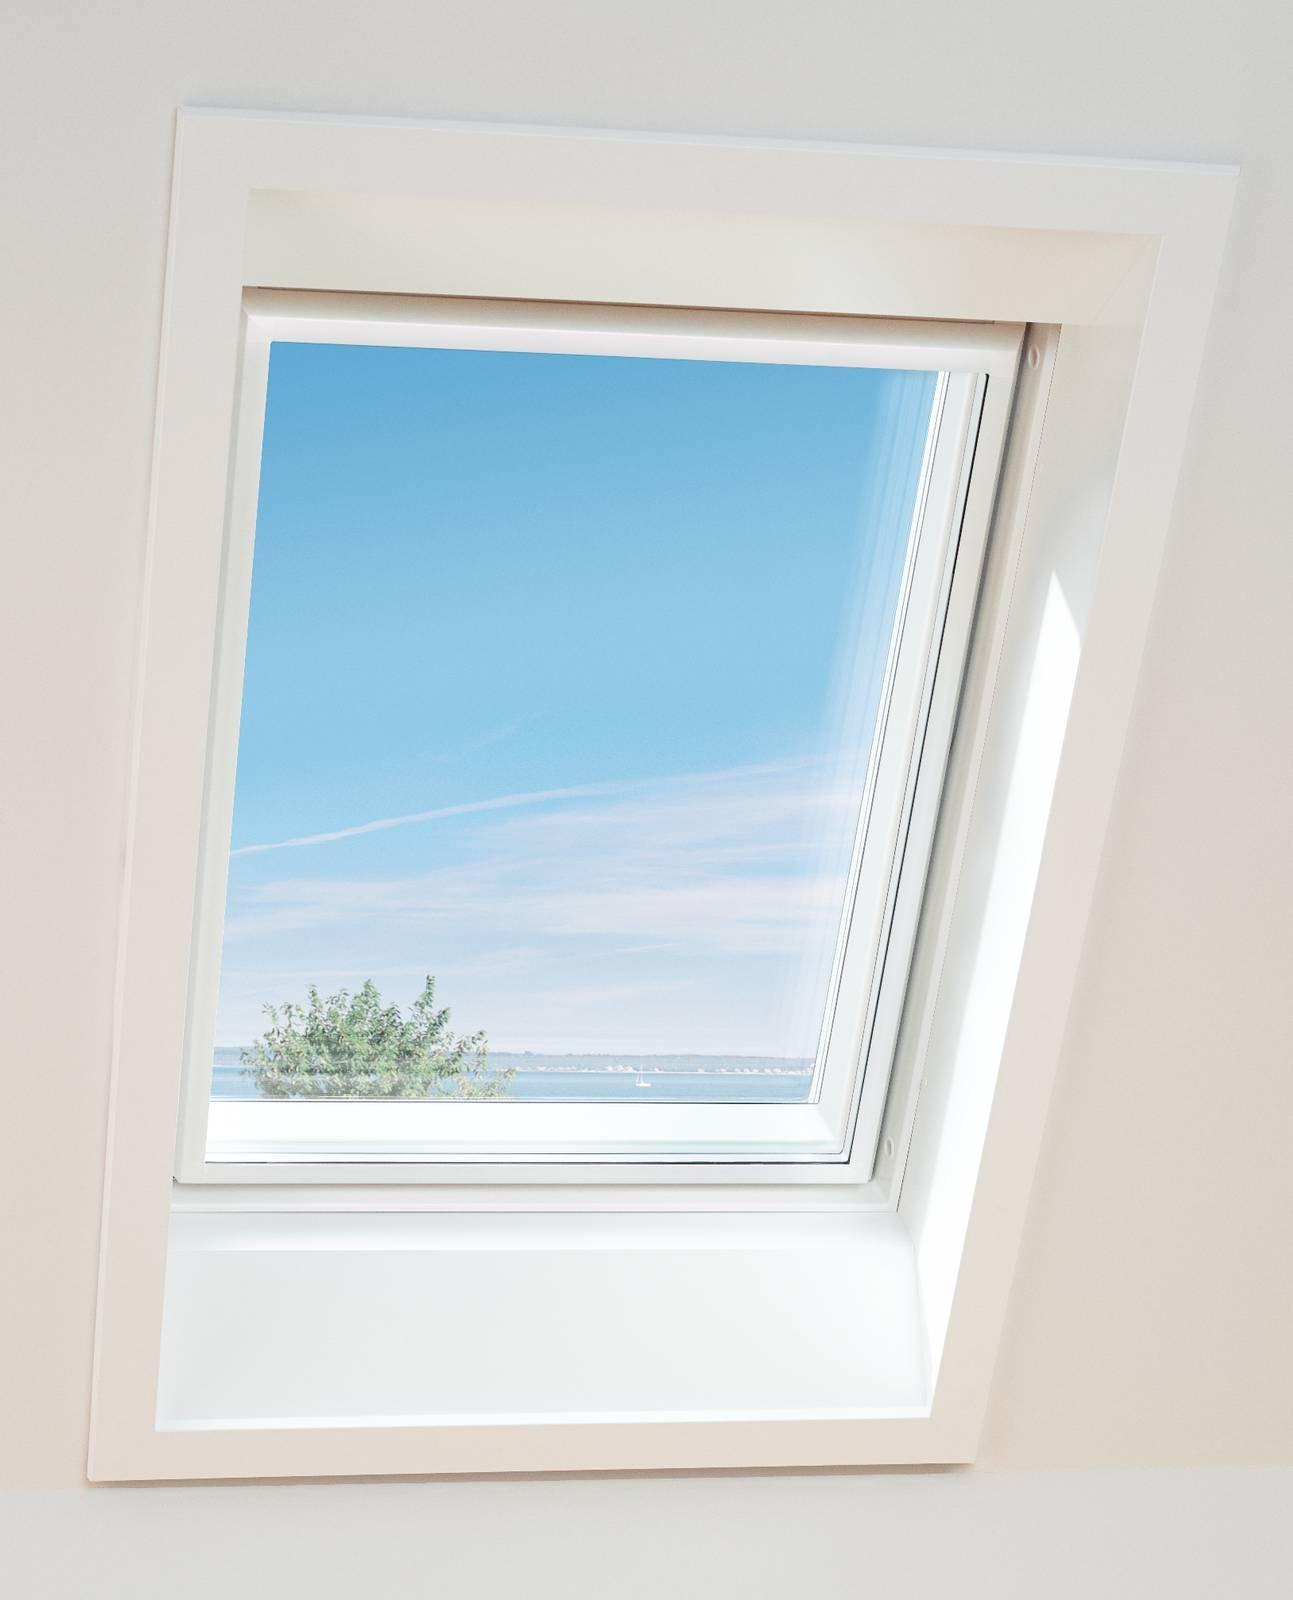 Finestra velux certificata passive house cose di casa for Piani casa di fascia alta